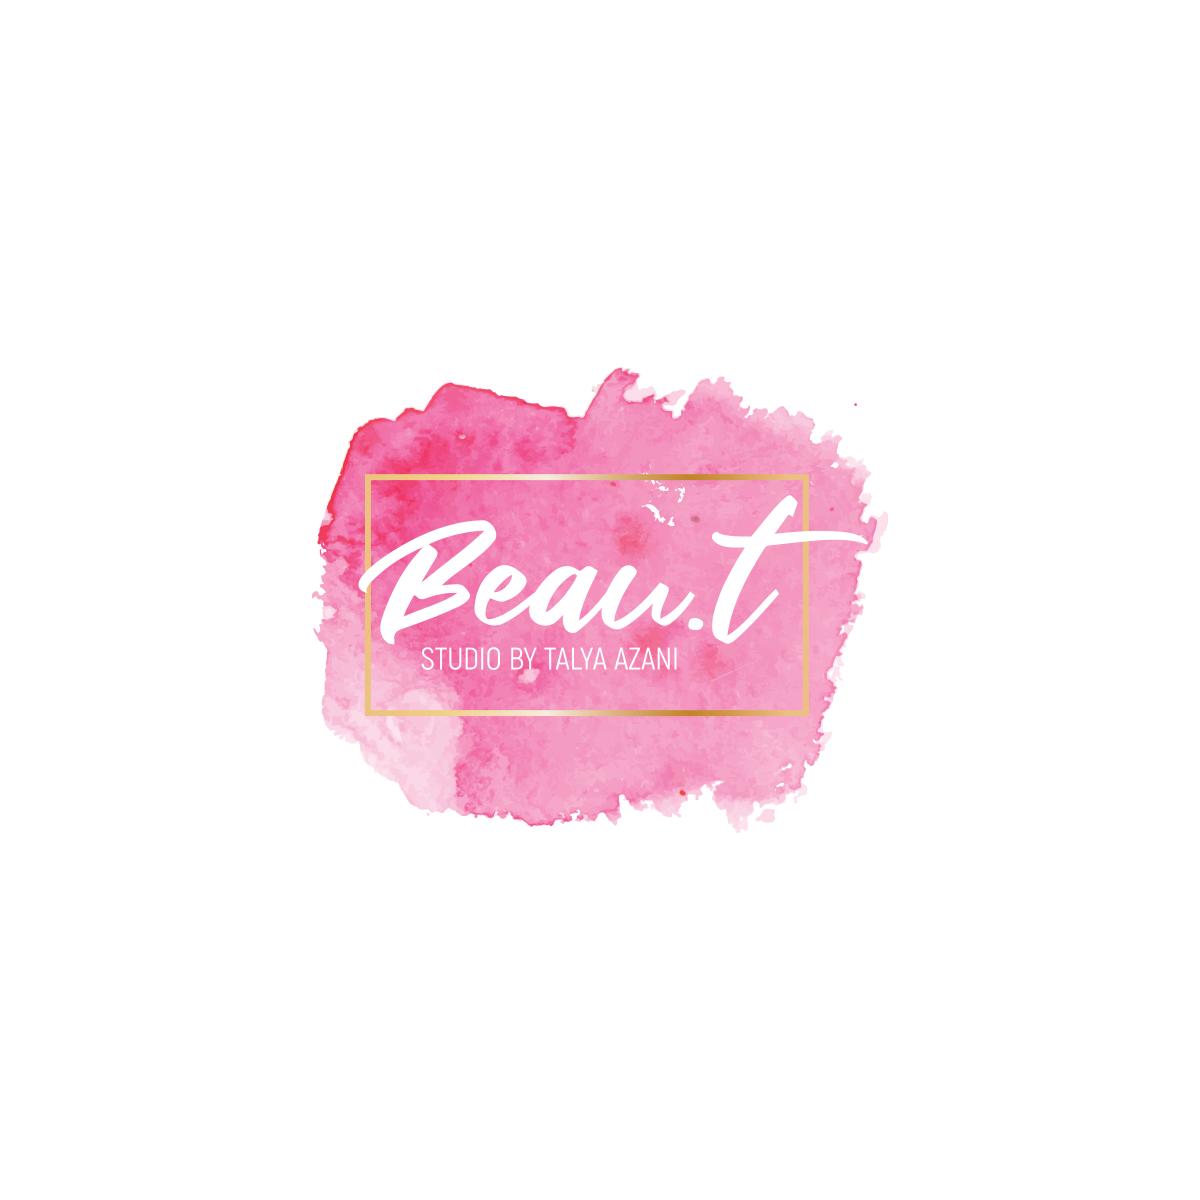 לוגו למכון יופי BeauT